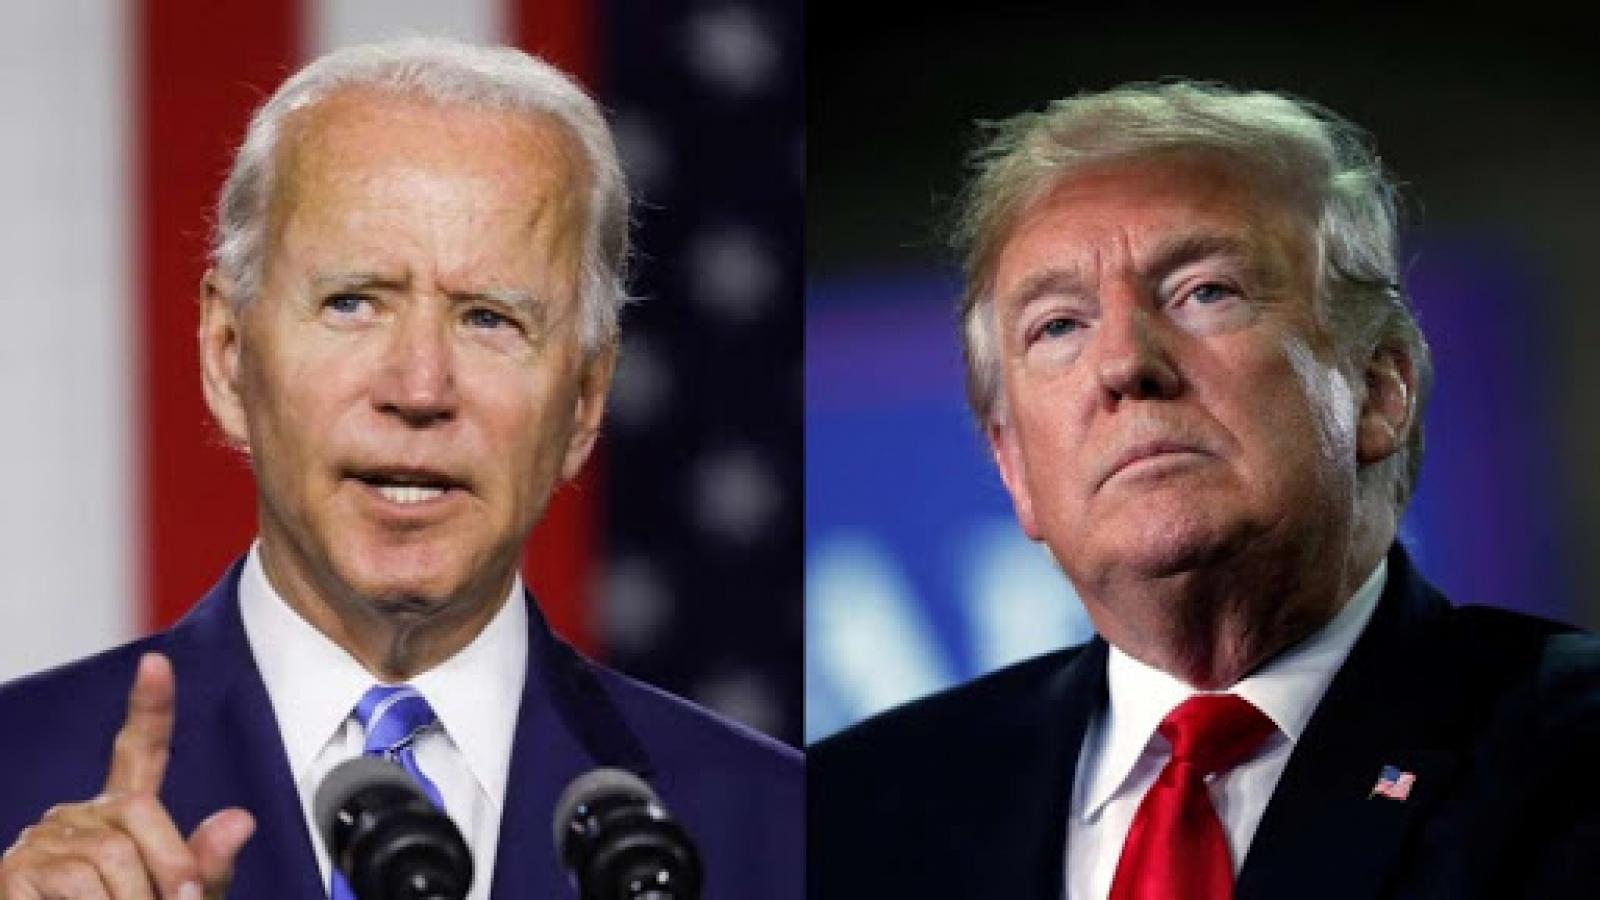 Trả lời 10 câu hỏi về cuộc tranh luận tổng thống đầu tiên Trump-Biden